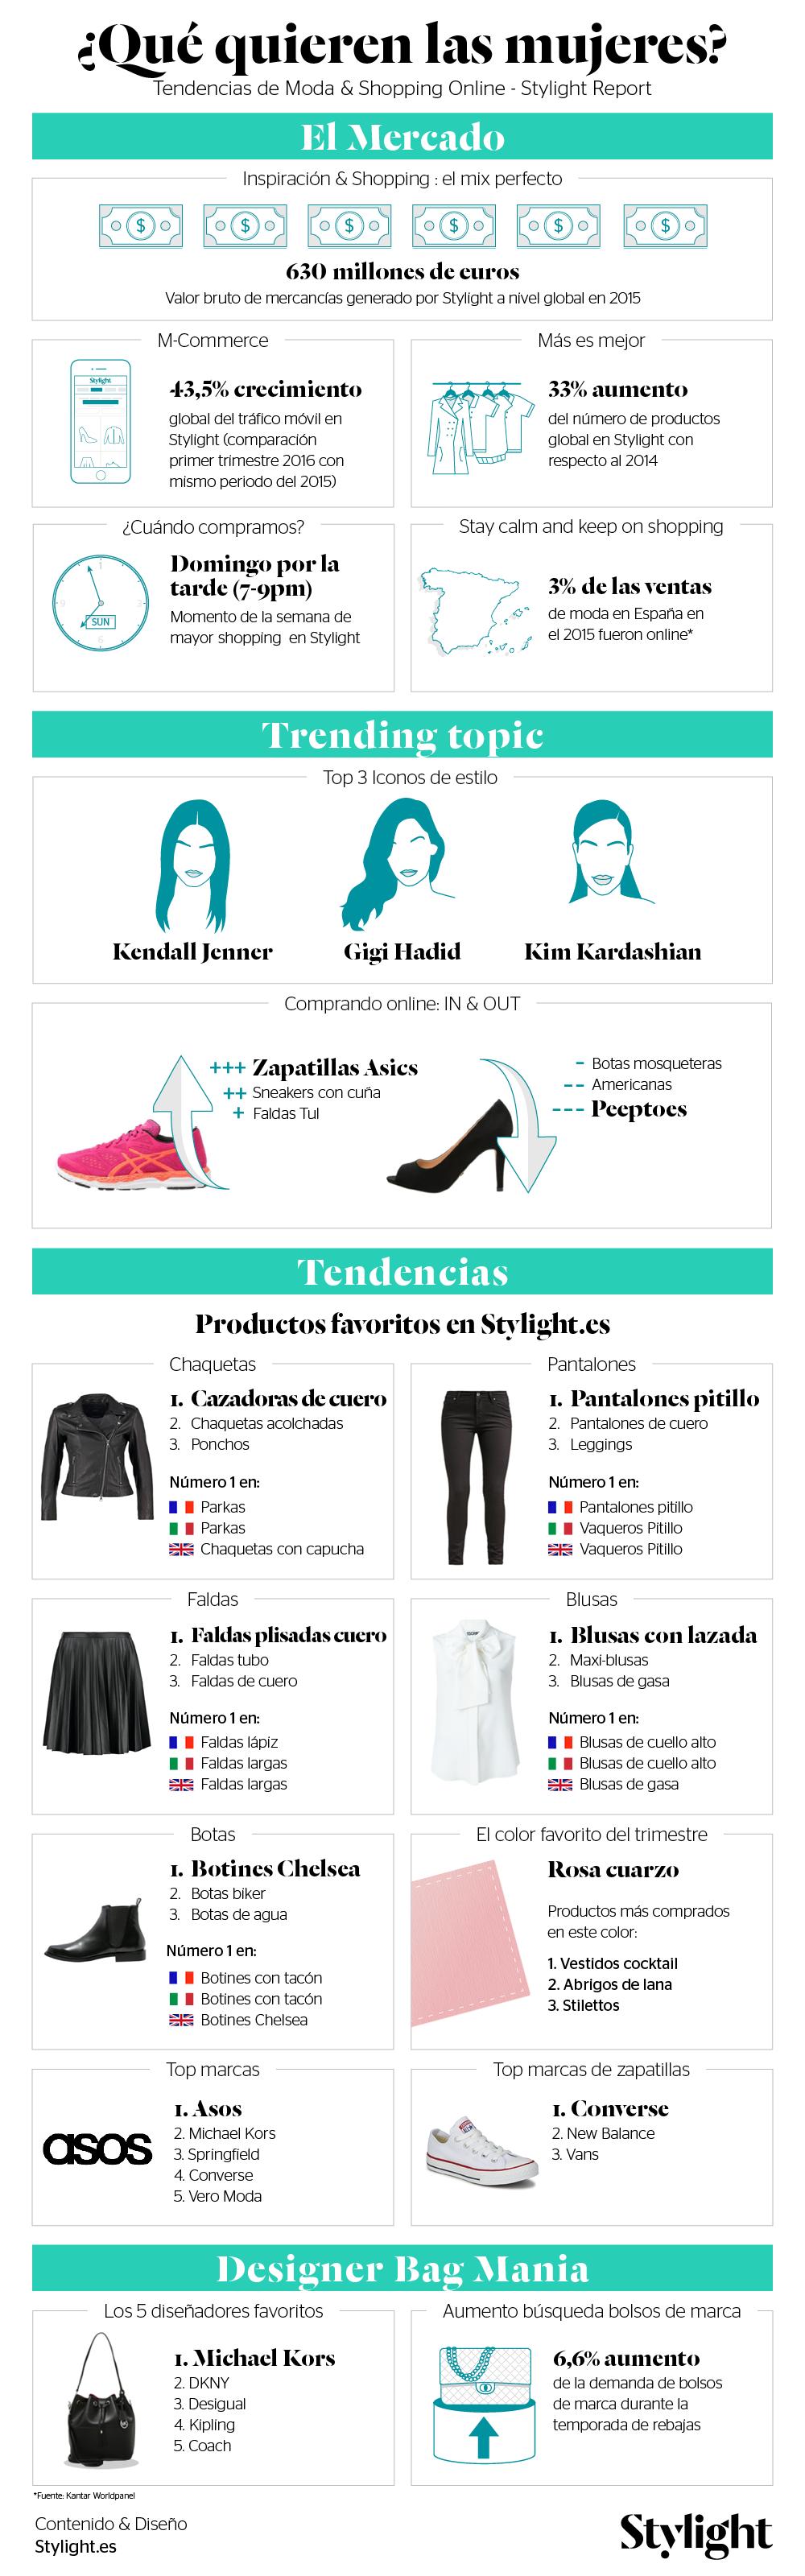 Stylight-Fashion-Report-Qué-quieren-las-mujeres-Infografía